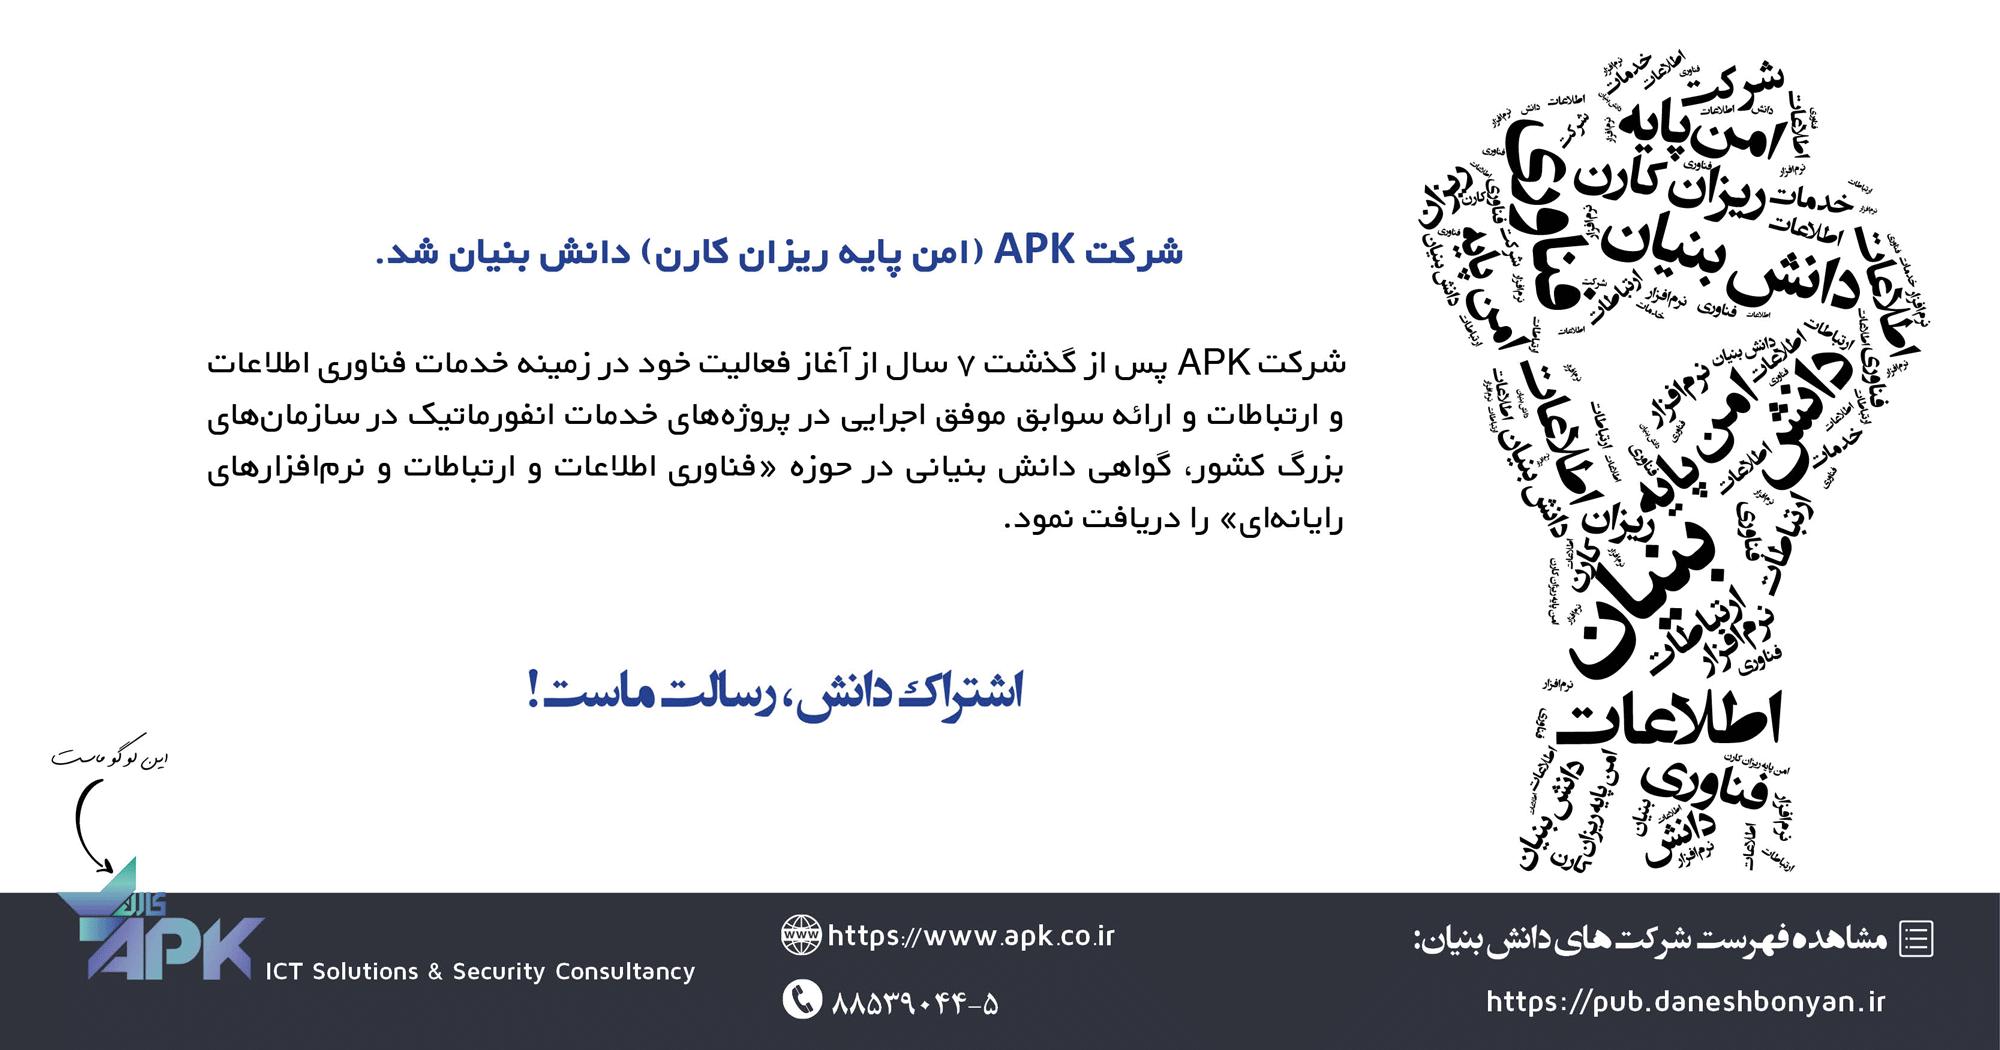 شرکت APK